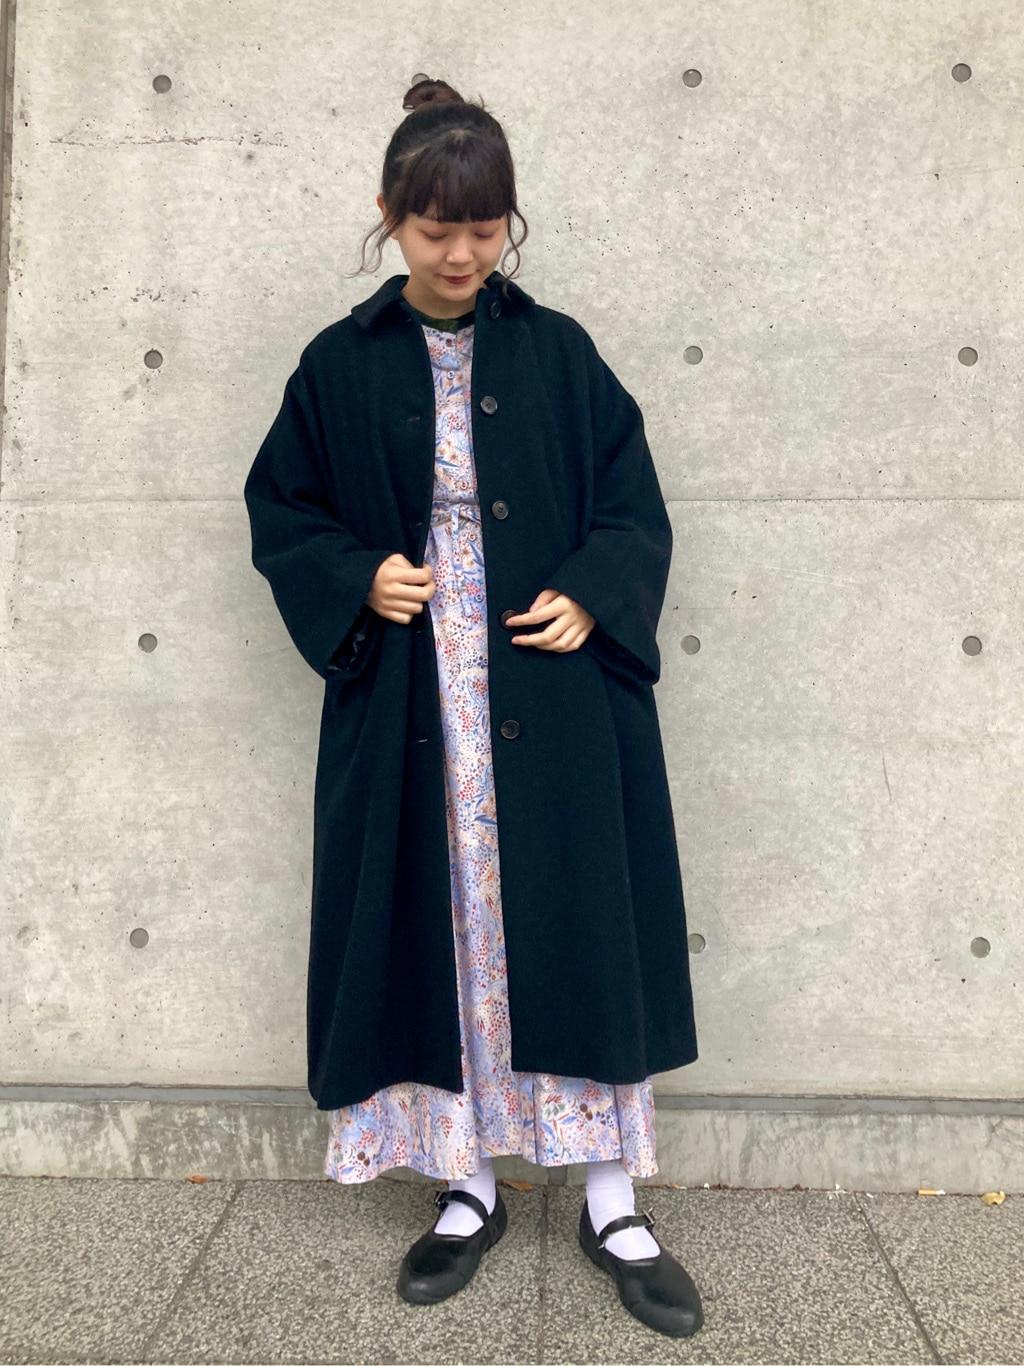 東京スカイツリータウン・ソラマチ 2020.10.16